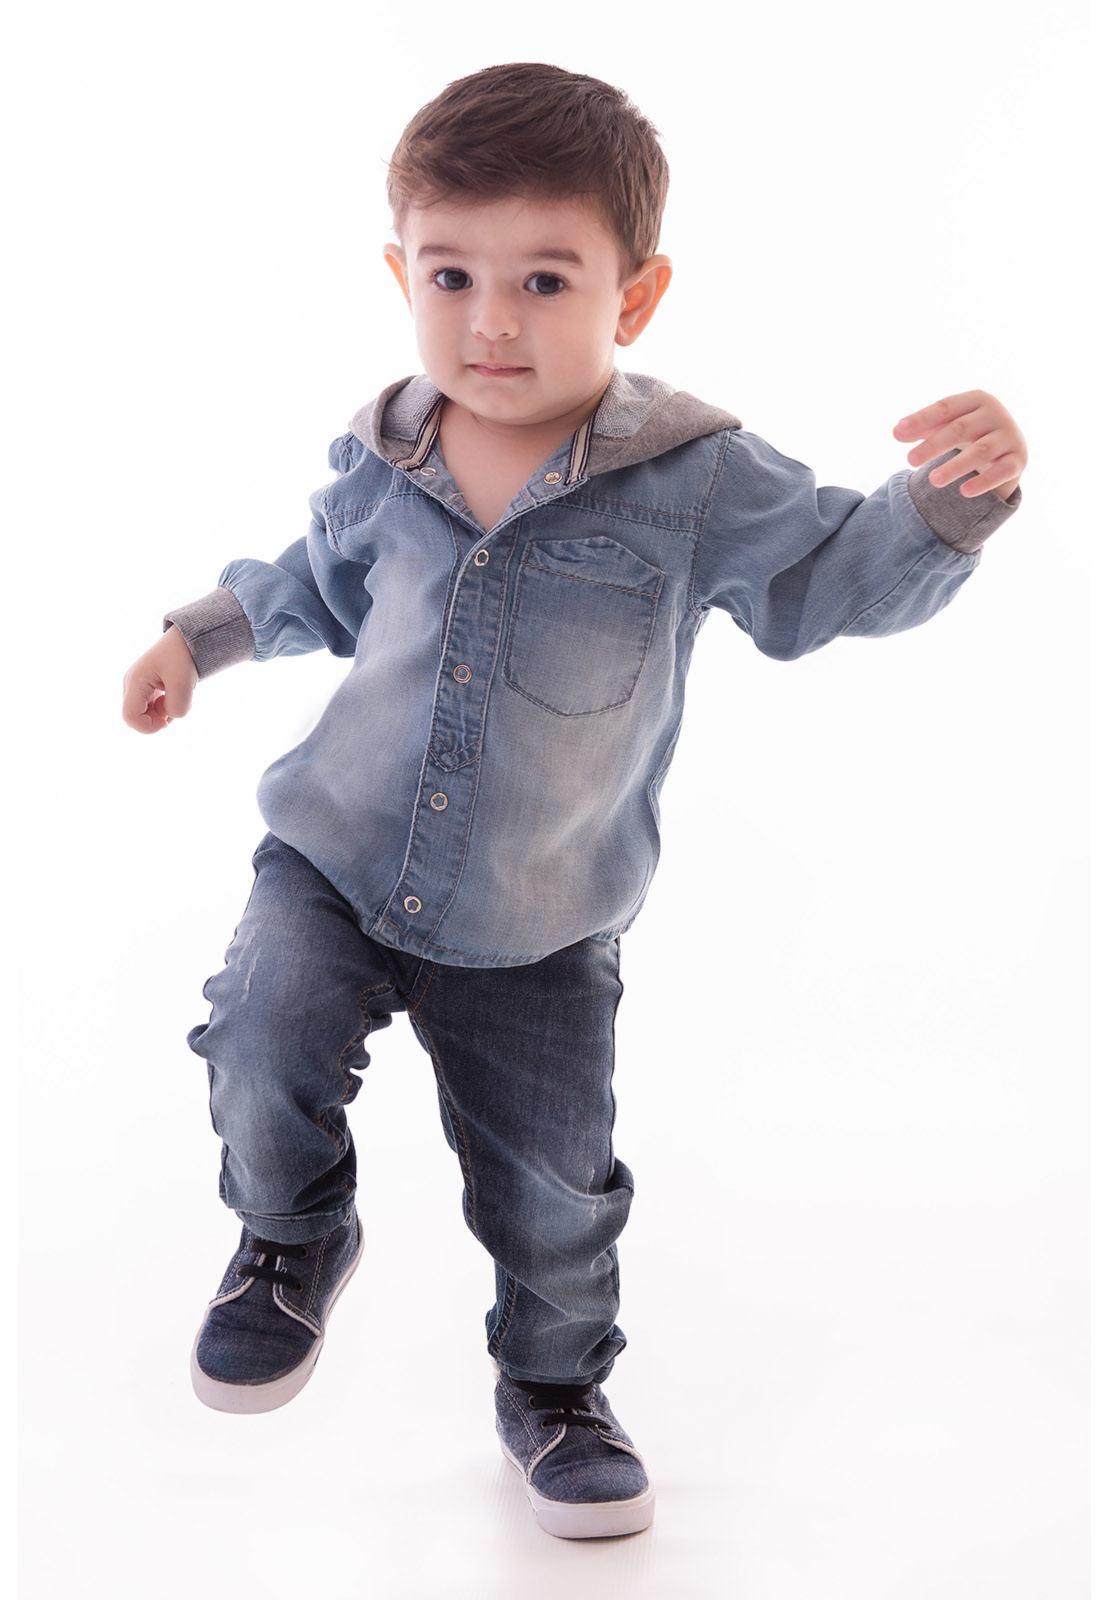 Camisa Jeans Lyocel com Capuz em Moletinho Ref. 425